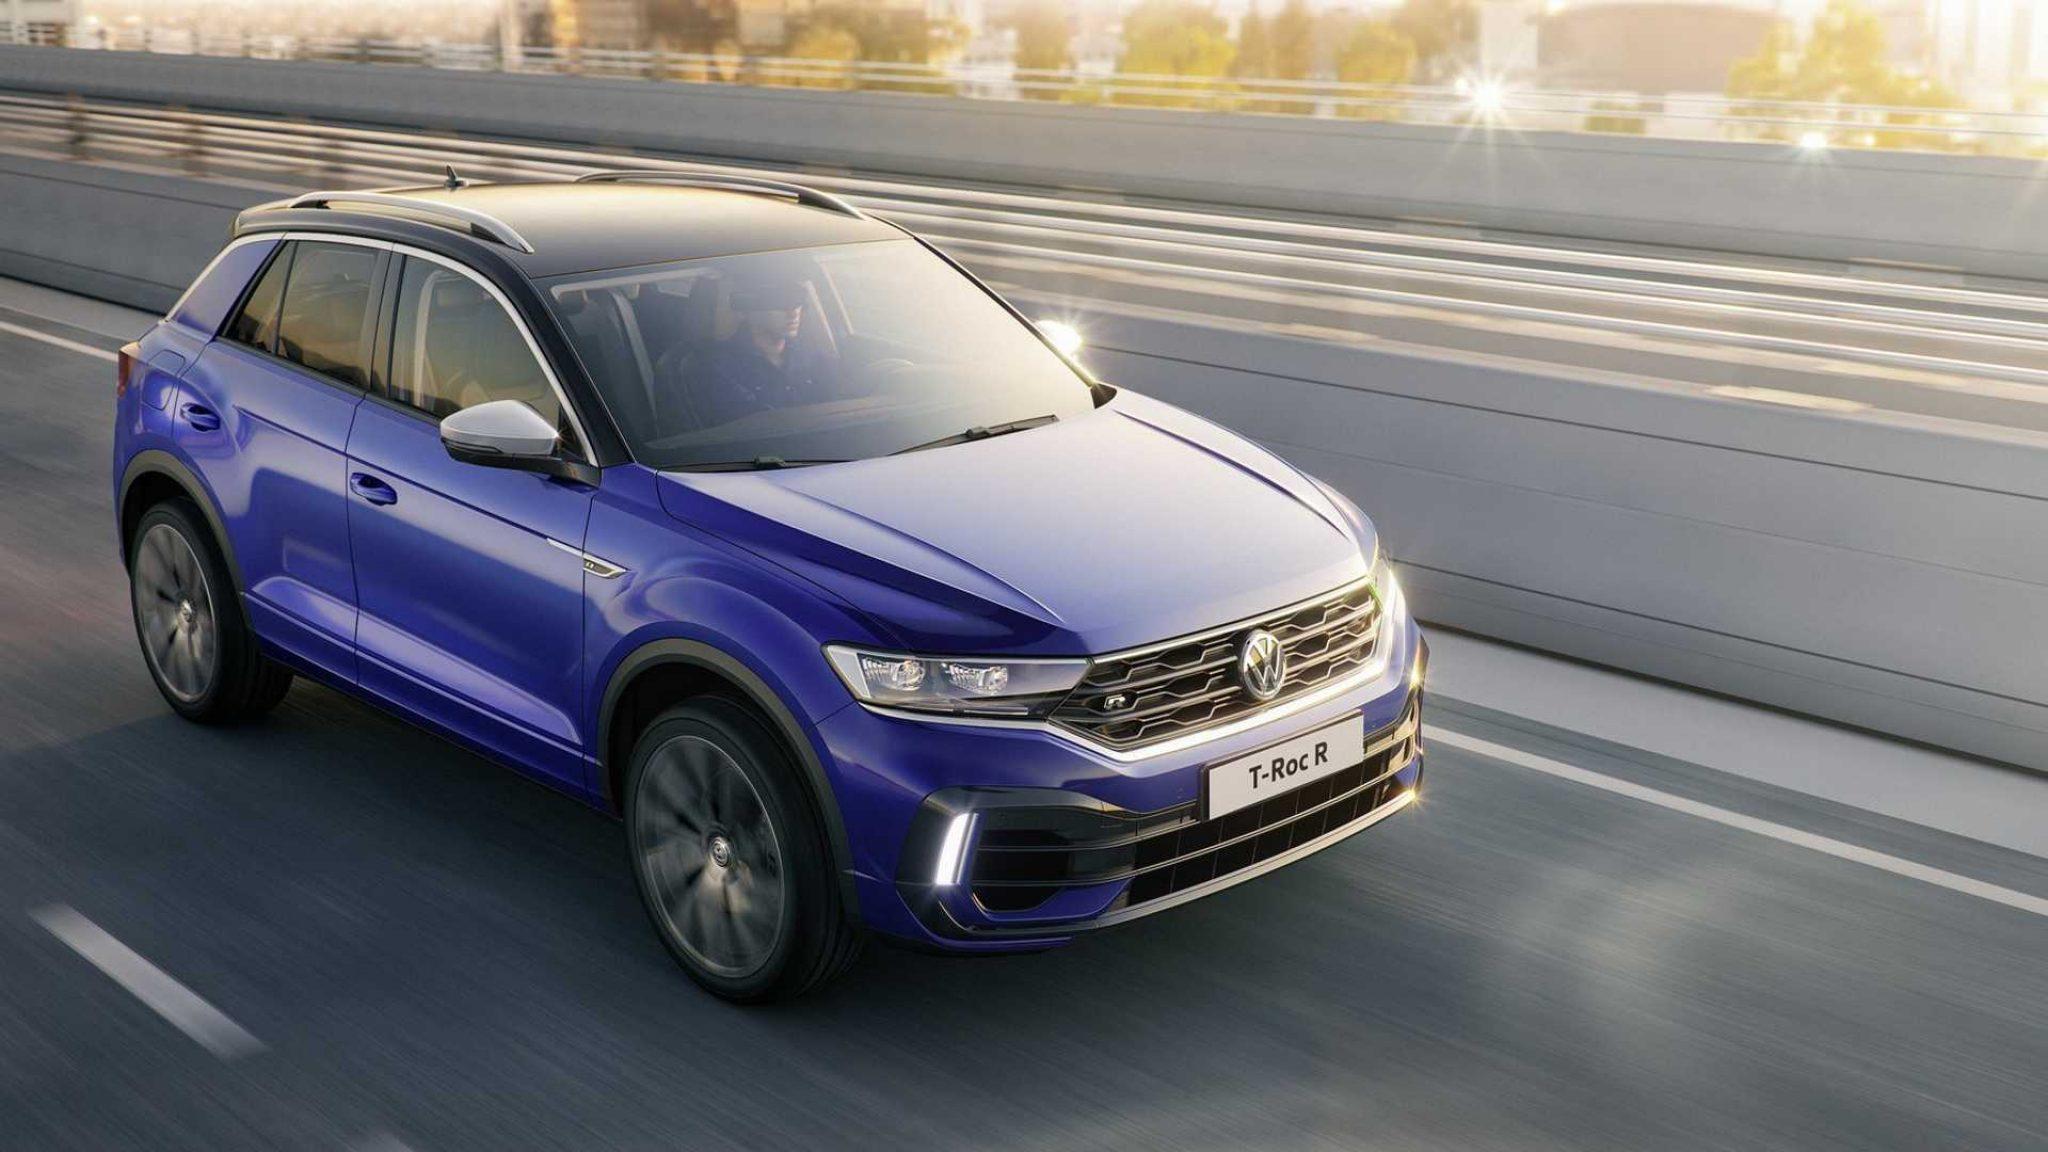 2021 VW T-ROC Cabrio R-Line Preisliste und Technische ...